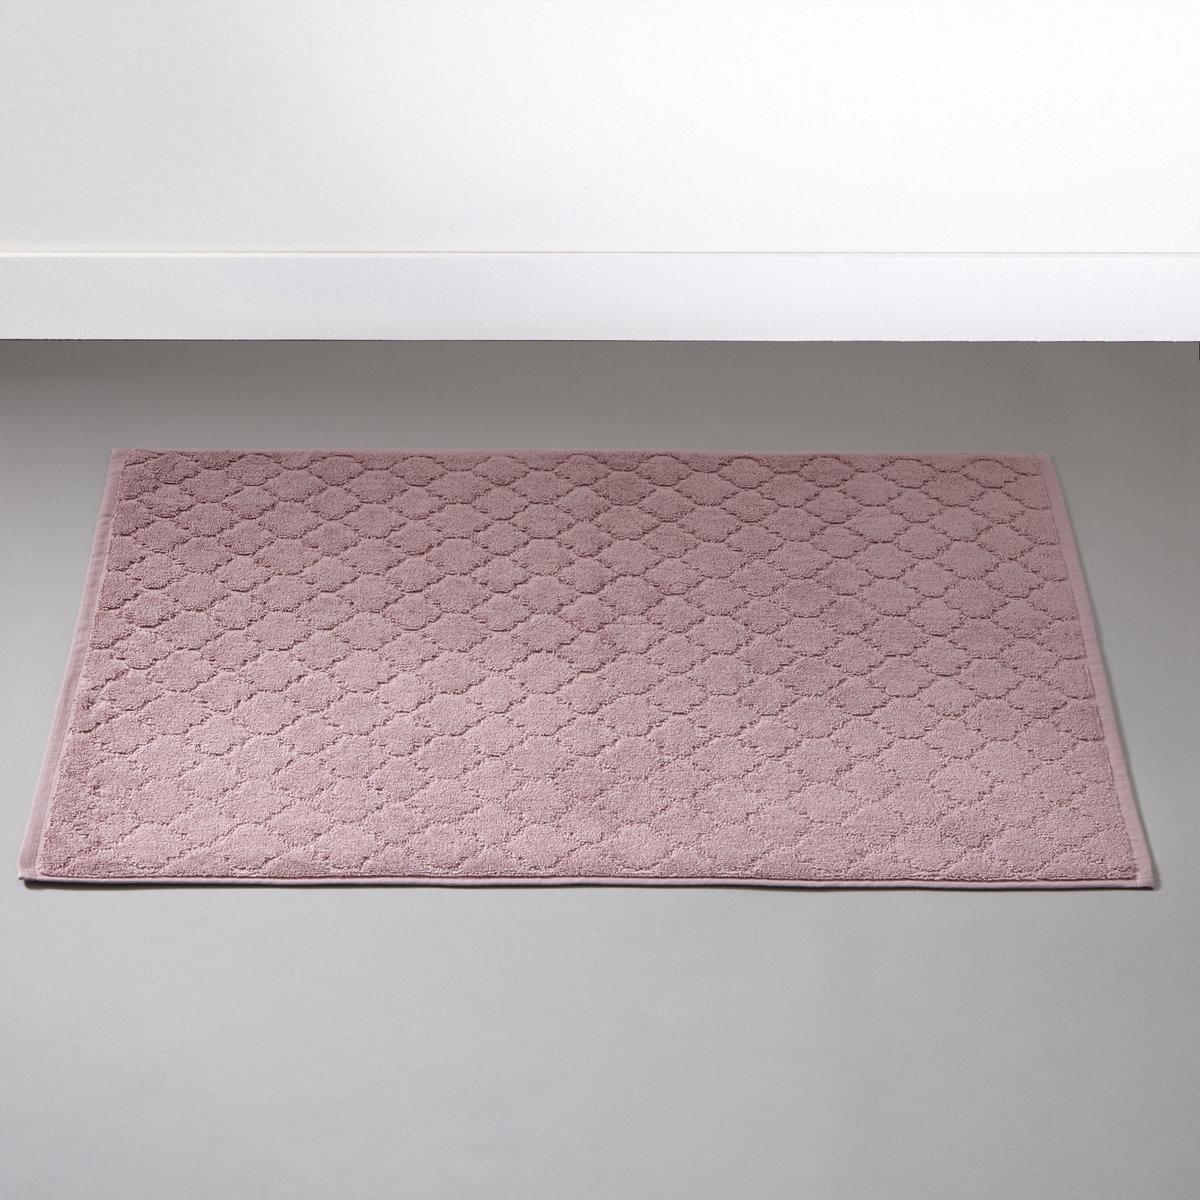 Коврик для ванной АЛЖЮСТРЕЛЬЖаккардовый коврик для ванной, 100% хлопка, 700 г/м?, выстриженные мотивы в восточном стиле. Бахрома по краю.Мягкий, межный и отлично впитывающий махровый материал, стирка при 60°.РАзмеры коврика для ванной : 50 x 70 см.<br><br>Цвет: розовое дерево<br>Размер: 50 x 70  см